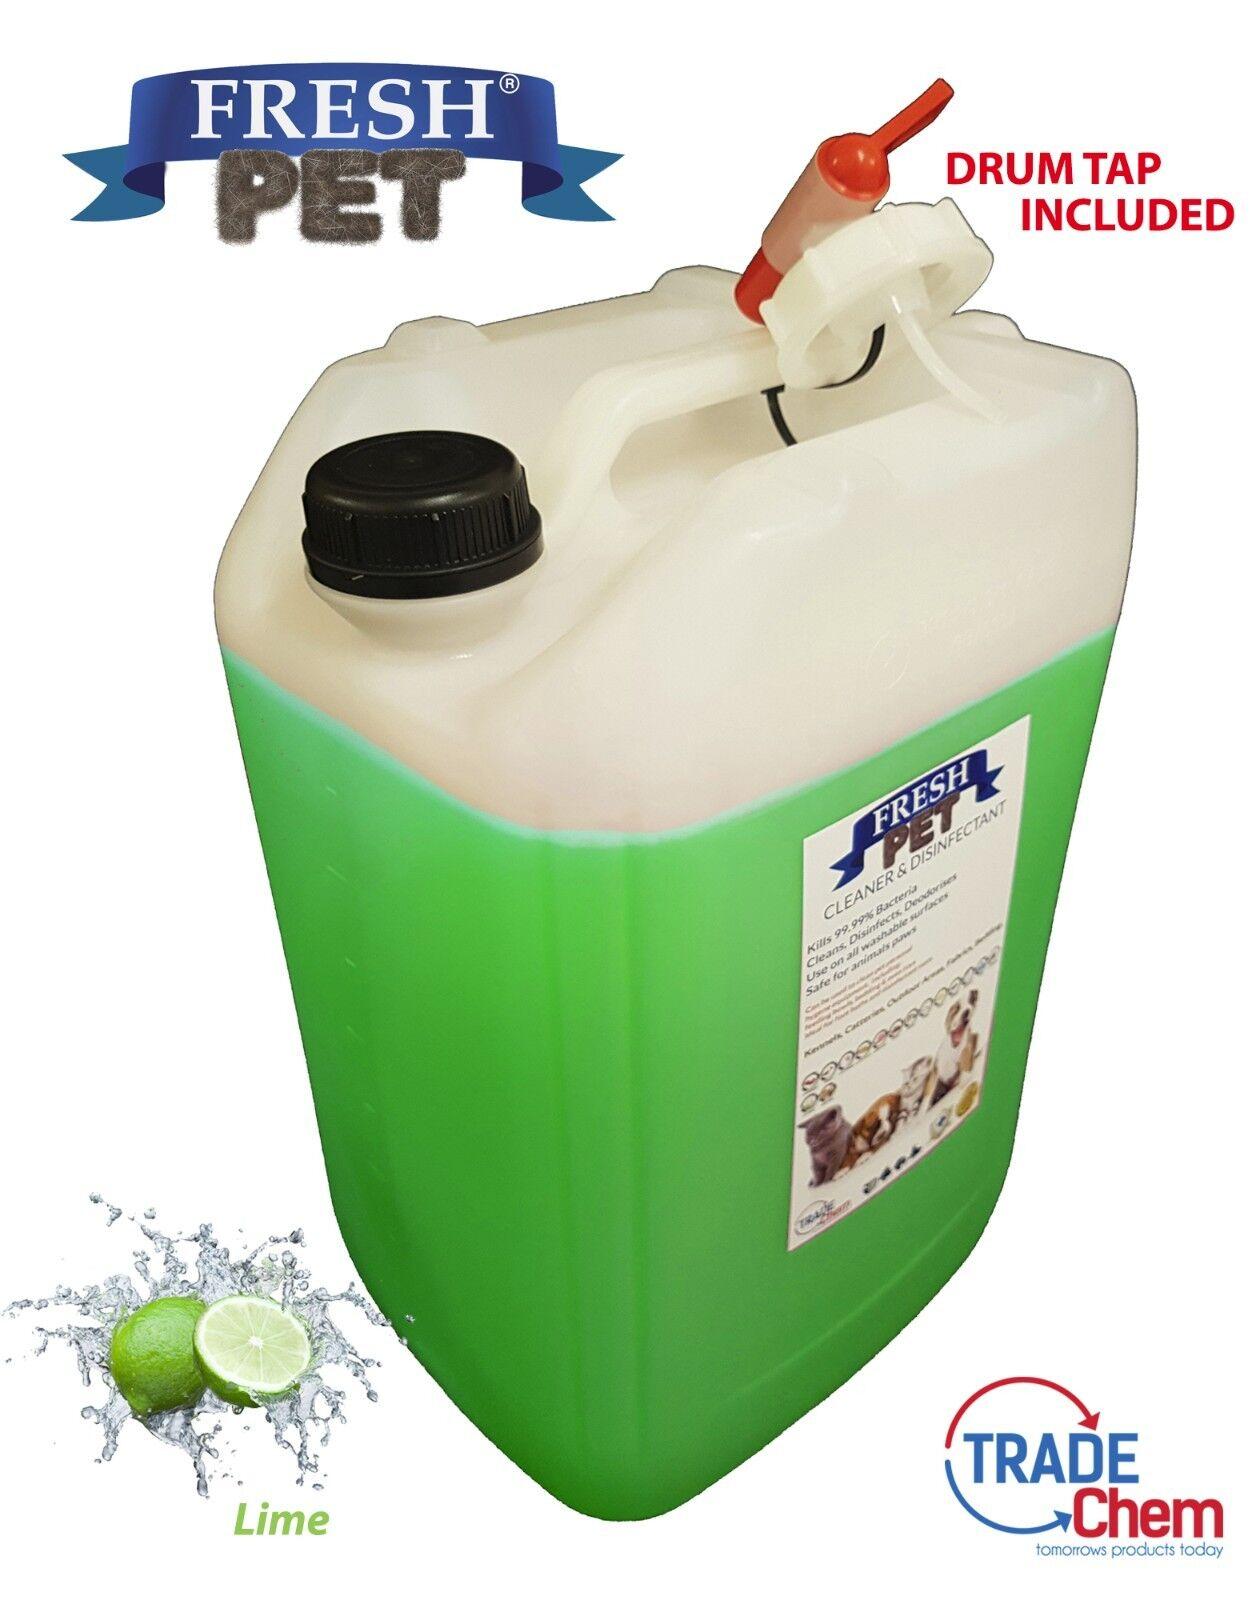 20L FRESH PET Dog Cat Disinfectant, Deodoriser - LIME W  Drum Tap